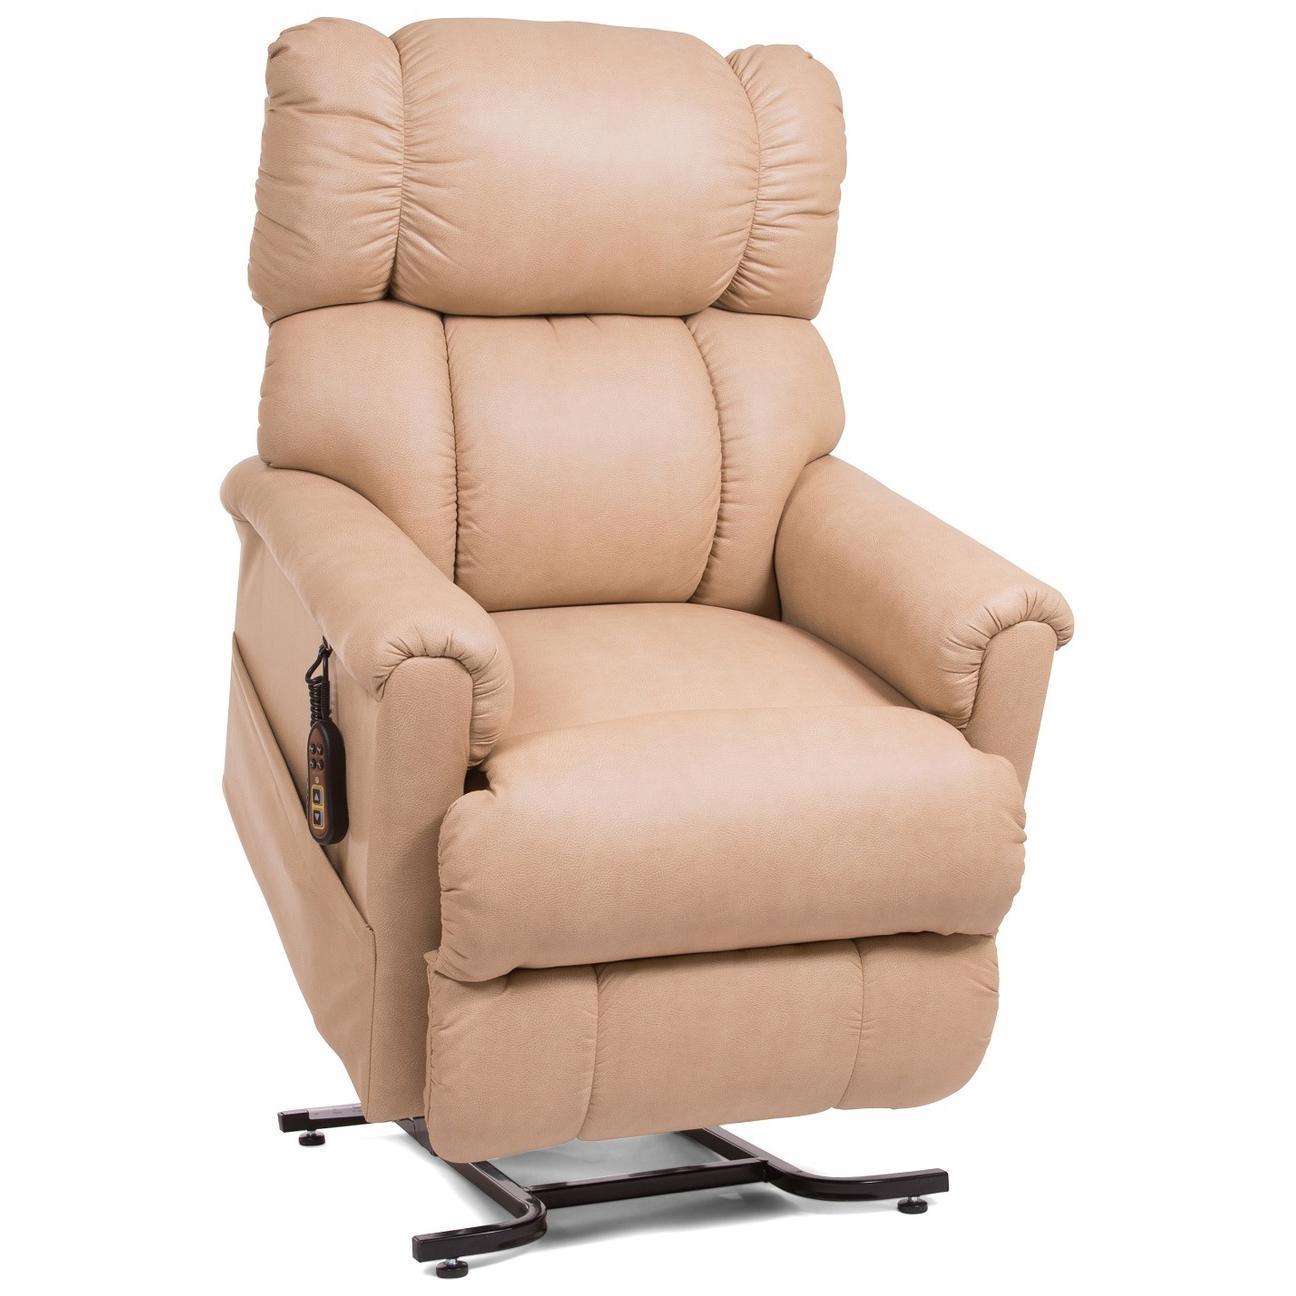 Golden Lift Chair Parts All Lift Chair Brands Lift